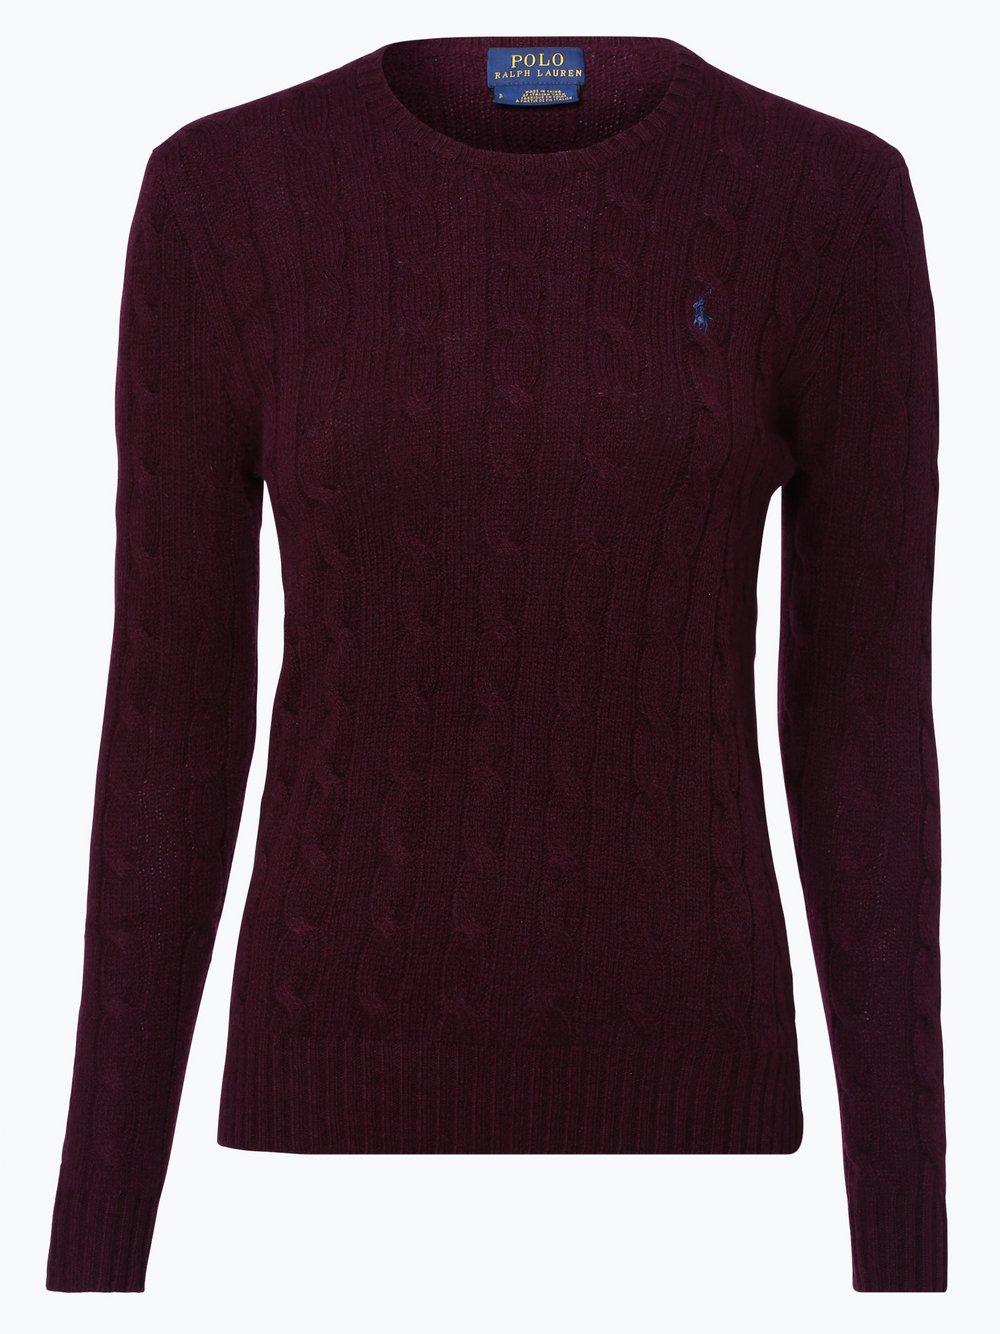 8ea6f2bb2c3811 Polo Ralph Lauren Damen Pullover mit Cashmere-Anteil online kaufen ...